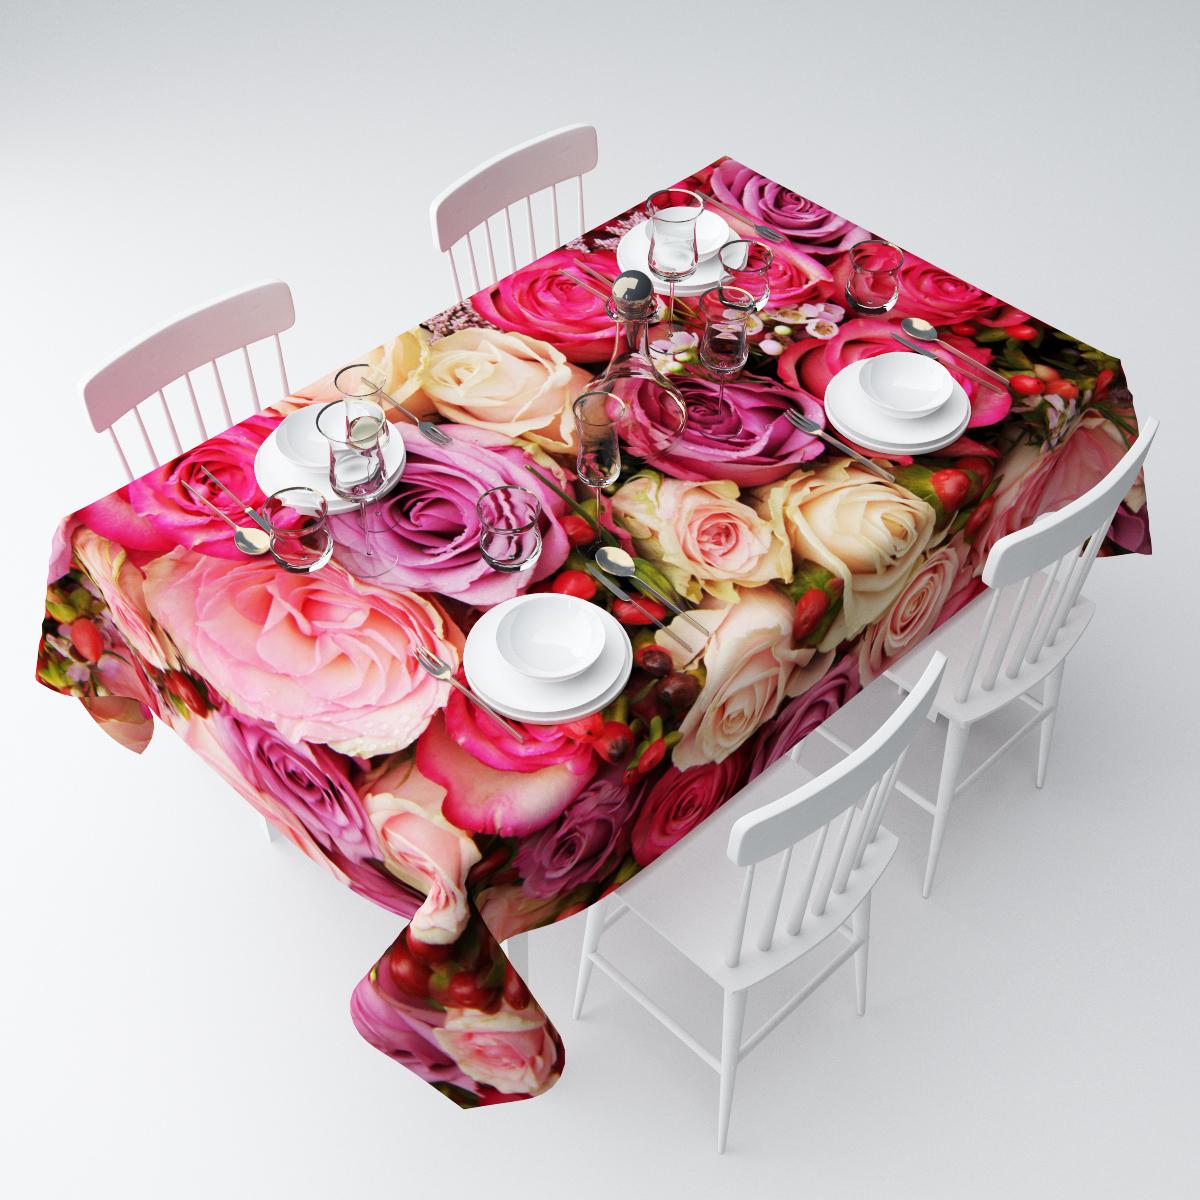 Скатерть Сирень Восхитительный букет роз, прямоугольная, 145 х 120 смСКГБ003-07480Прямоугольная скатерть Сирень Восхитительный букет роз, выполненная изгабардина с ярким рисунком, преобразит вашу кухню, визуальнорасширит пространство, создаст атмосферу радости и комфорта.Рекомендации по уходу: стирка при 30 градусах, гладить при температуре до 110градусов. Размер скатерти: 145 х 120 см.Изображение может немного отличаться от реального.